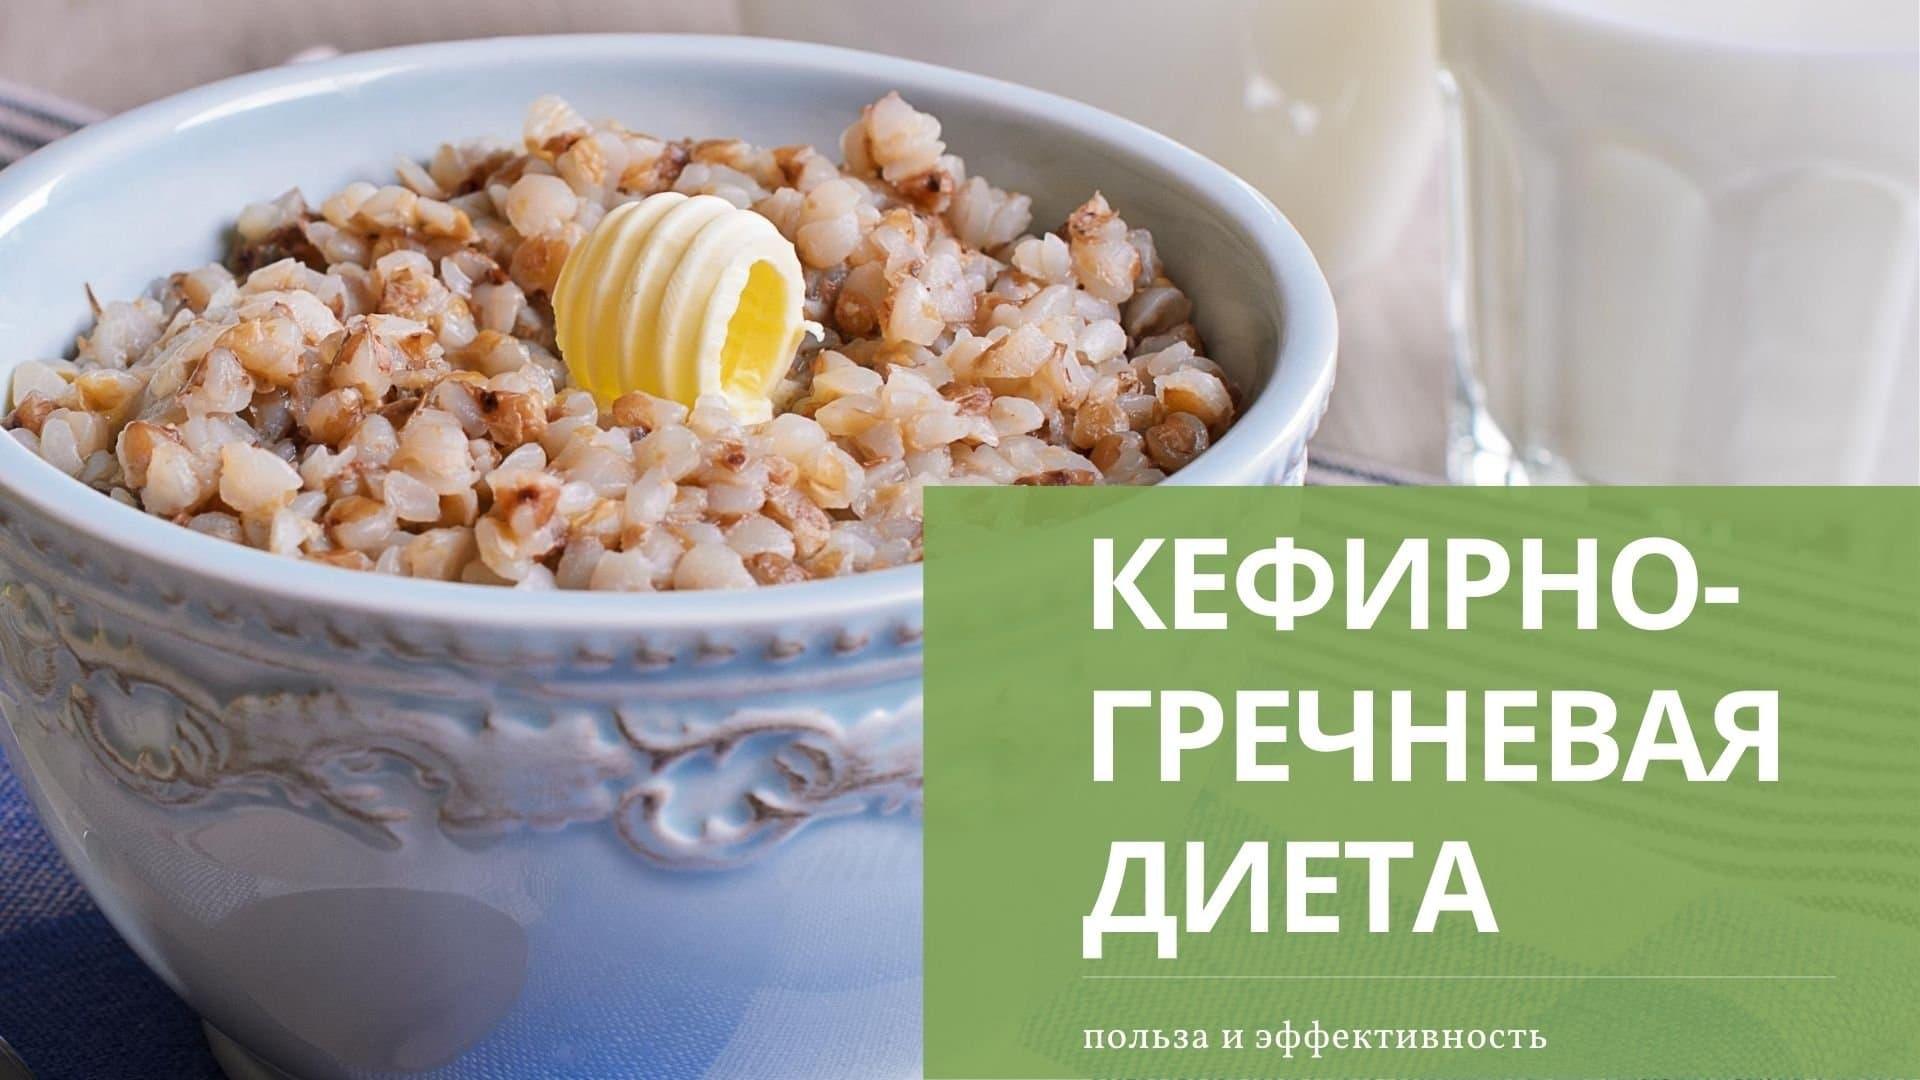 Кефирно-гречневая диета: польза и эффективность